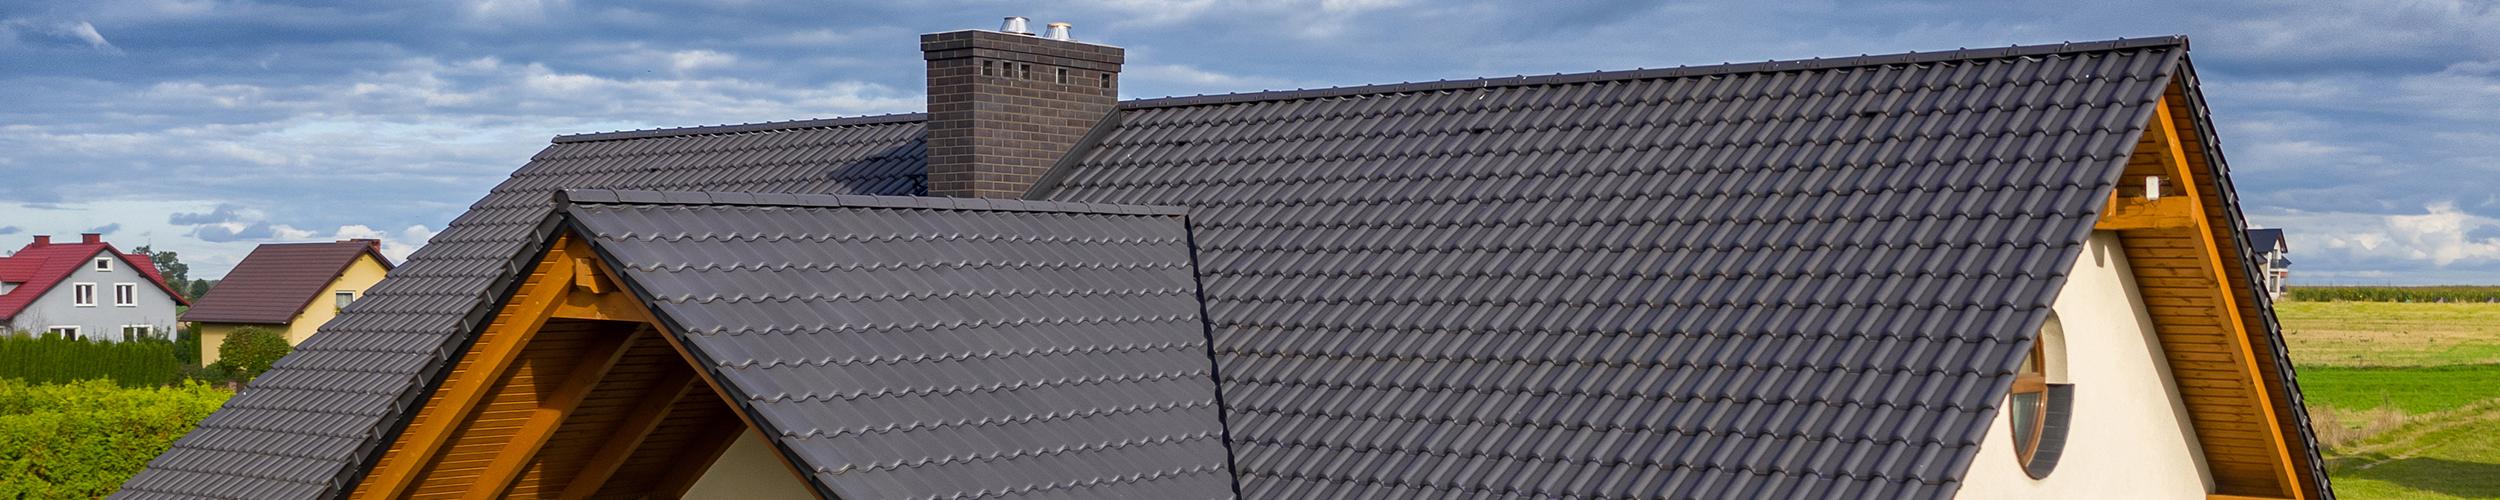 Ekspert radzi: Poprawny montaż kosza dachowego